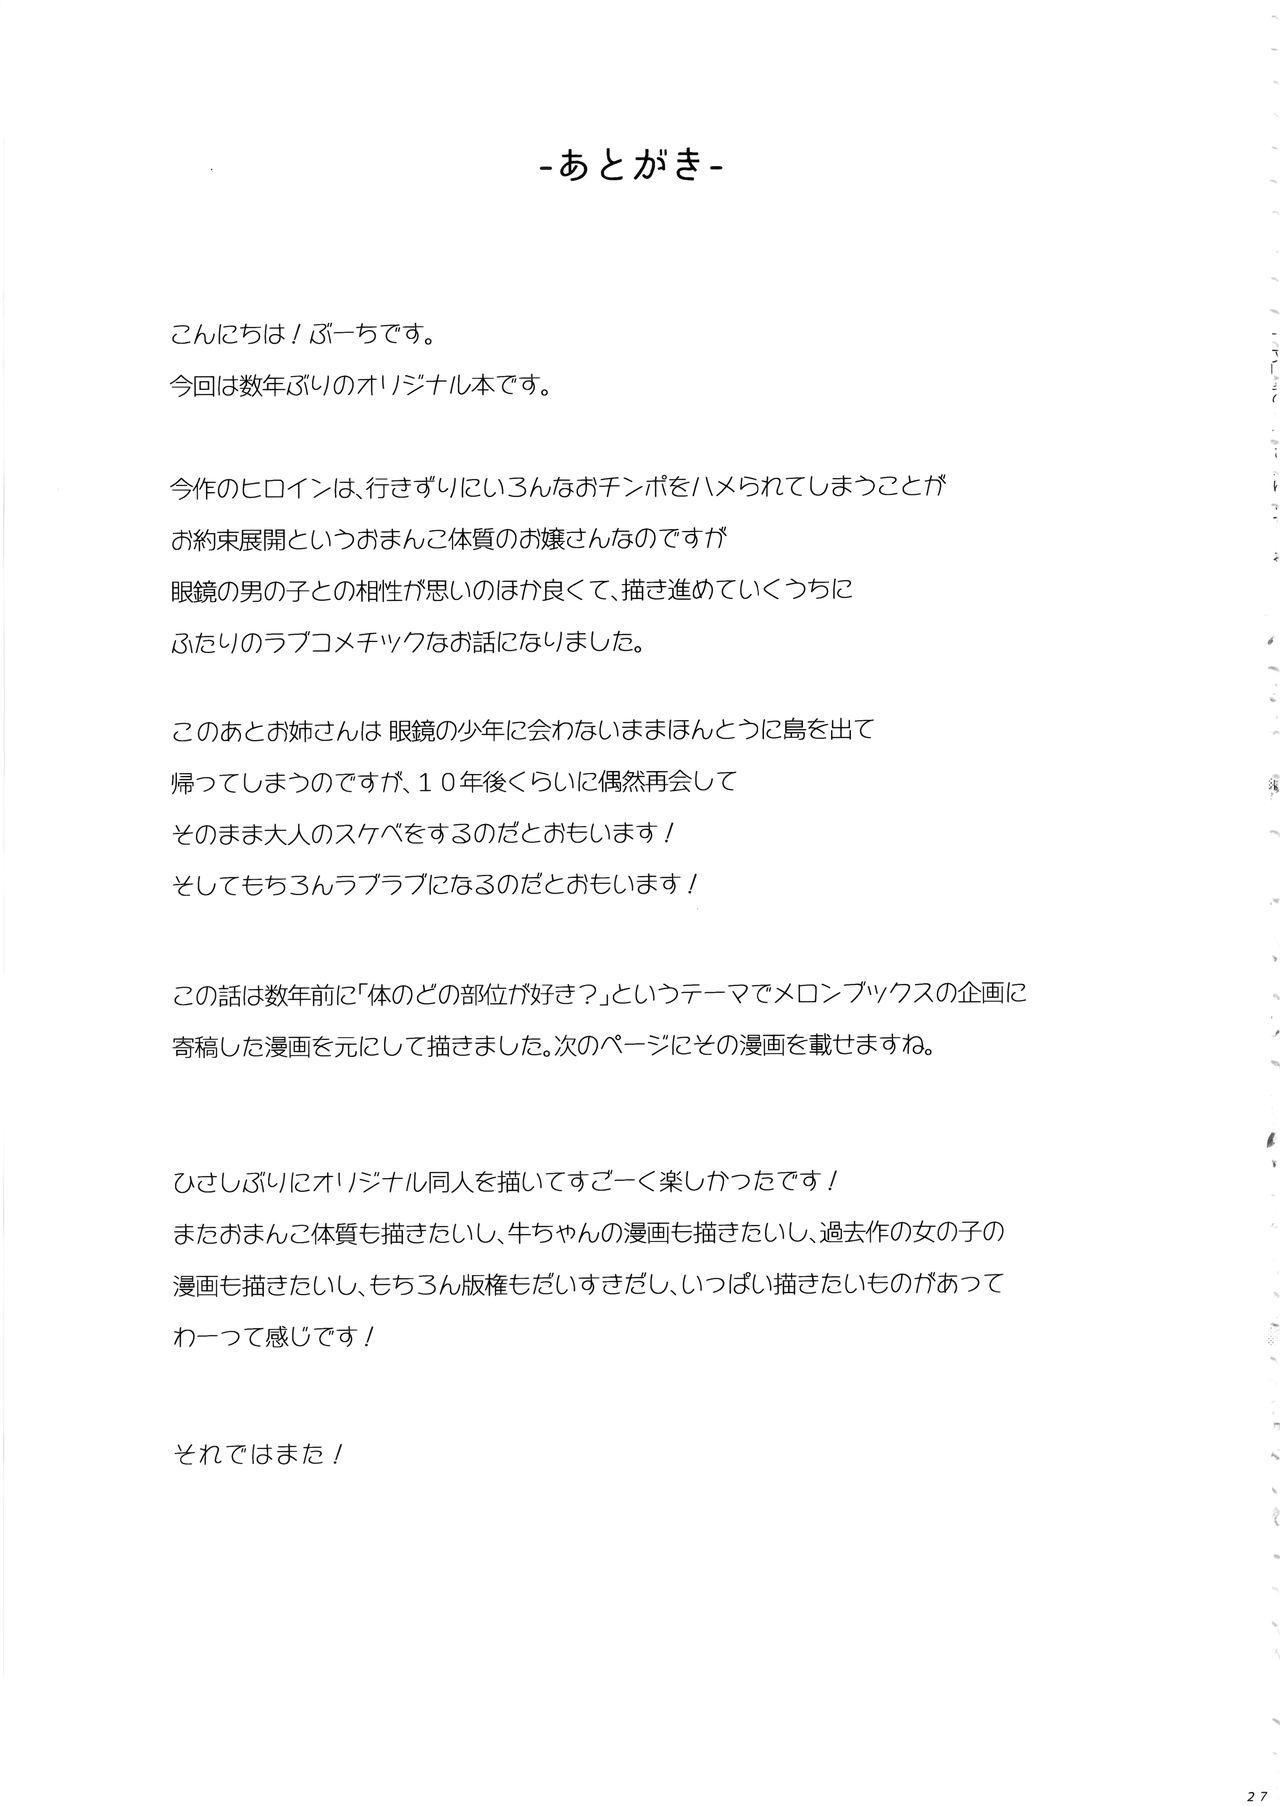 Natsu no Ojou-san ga Yukizuri Omanko shitekureru 24